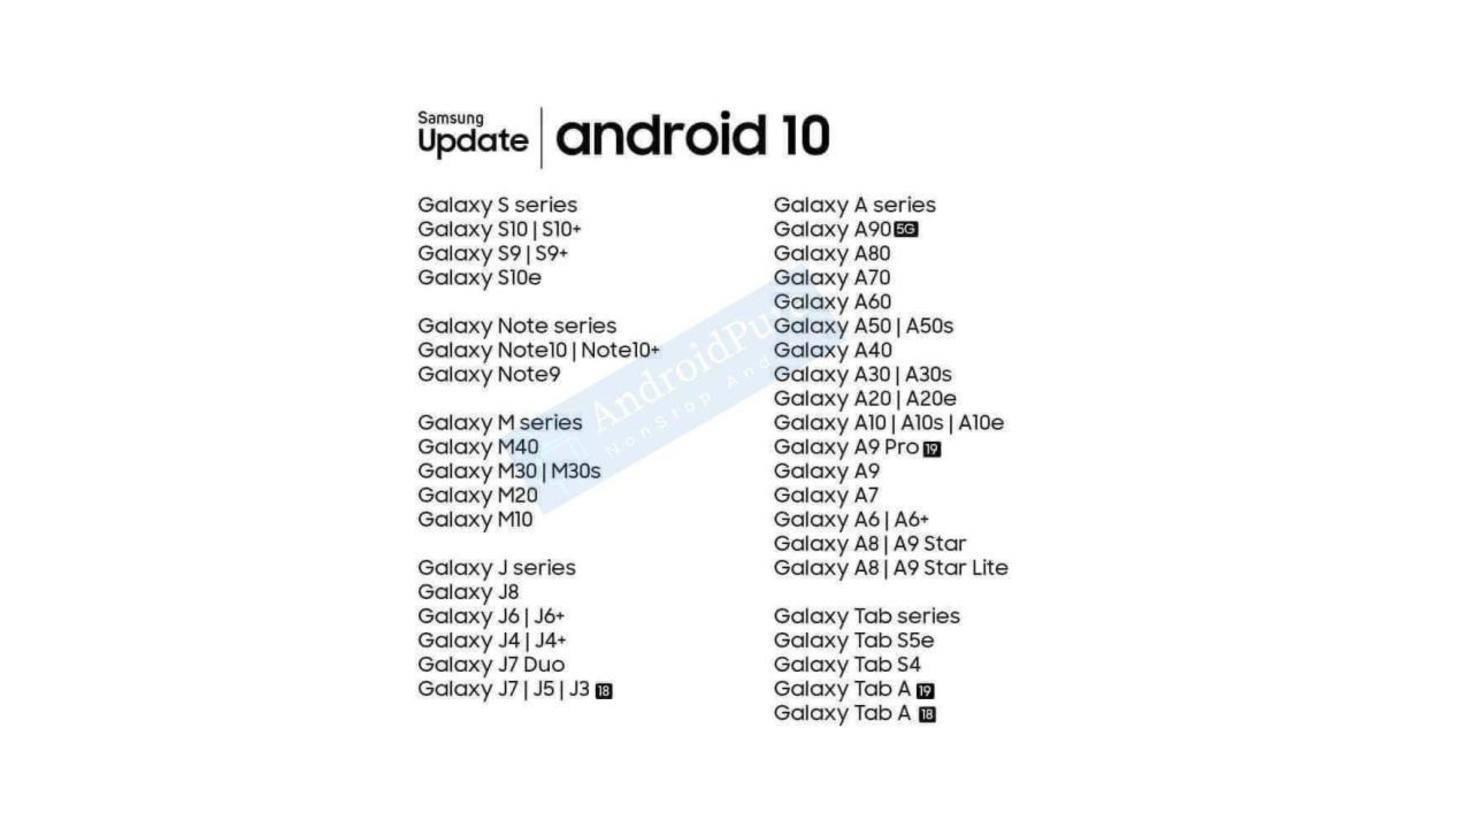 Android 10 Update-Liste für Samsung Galaxy